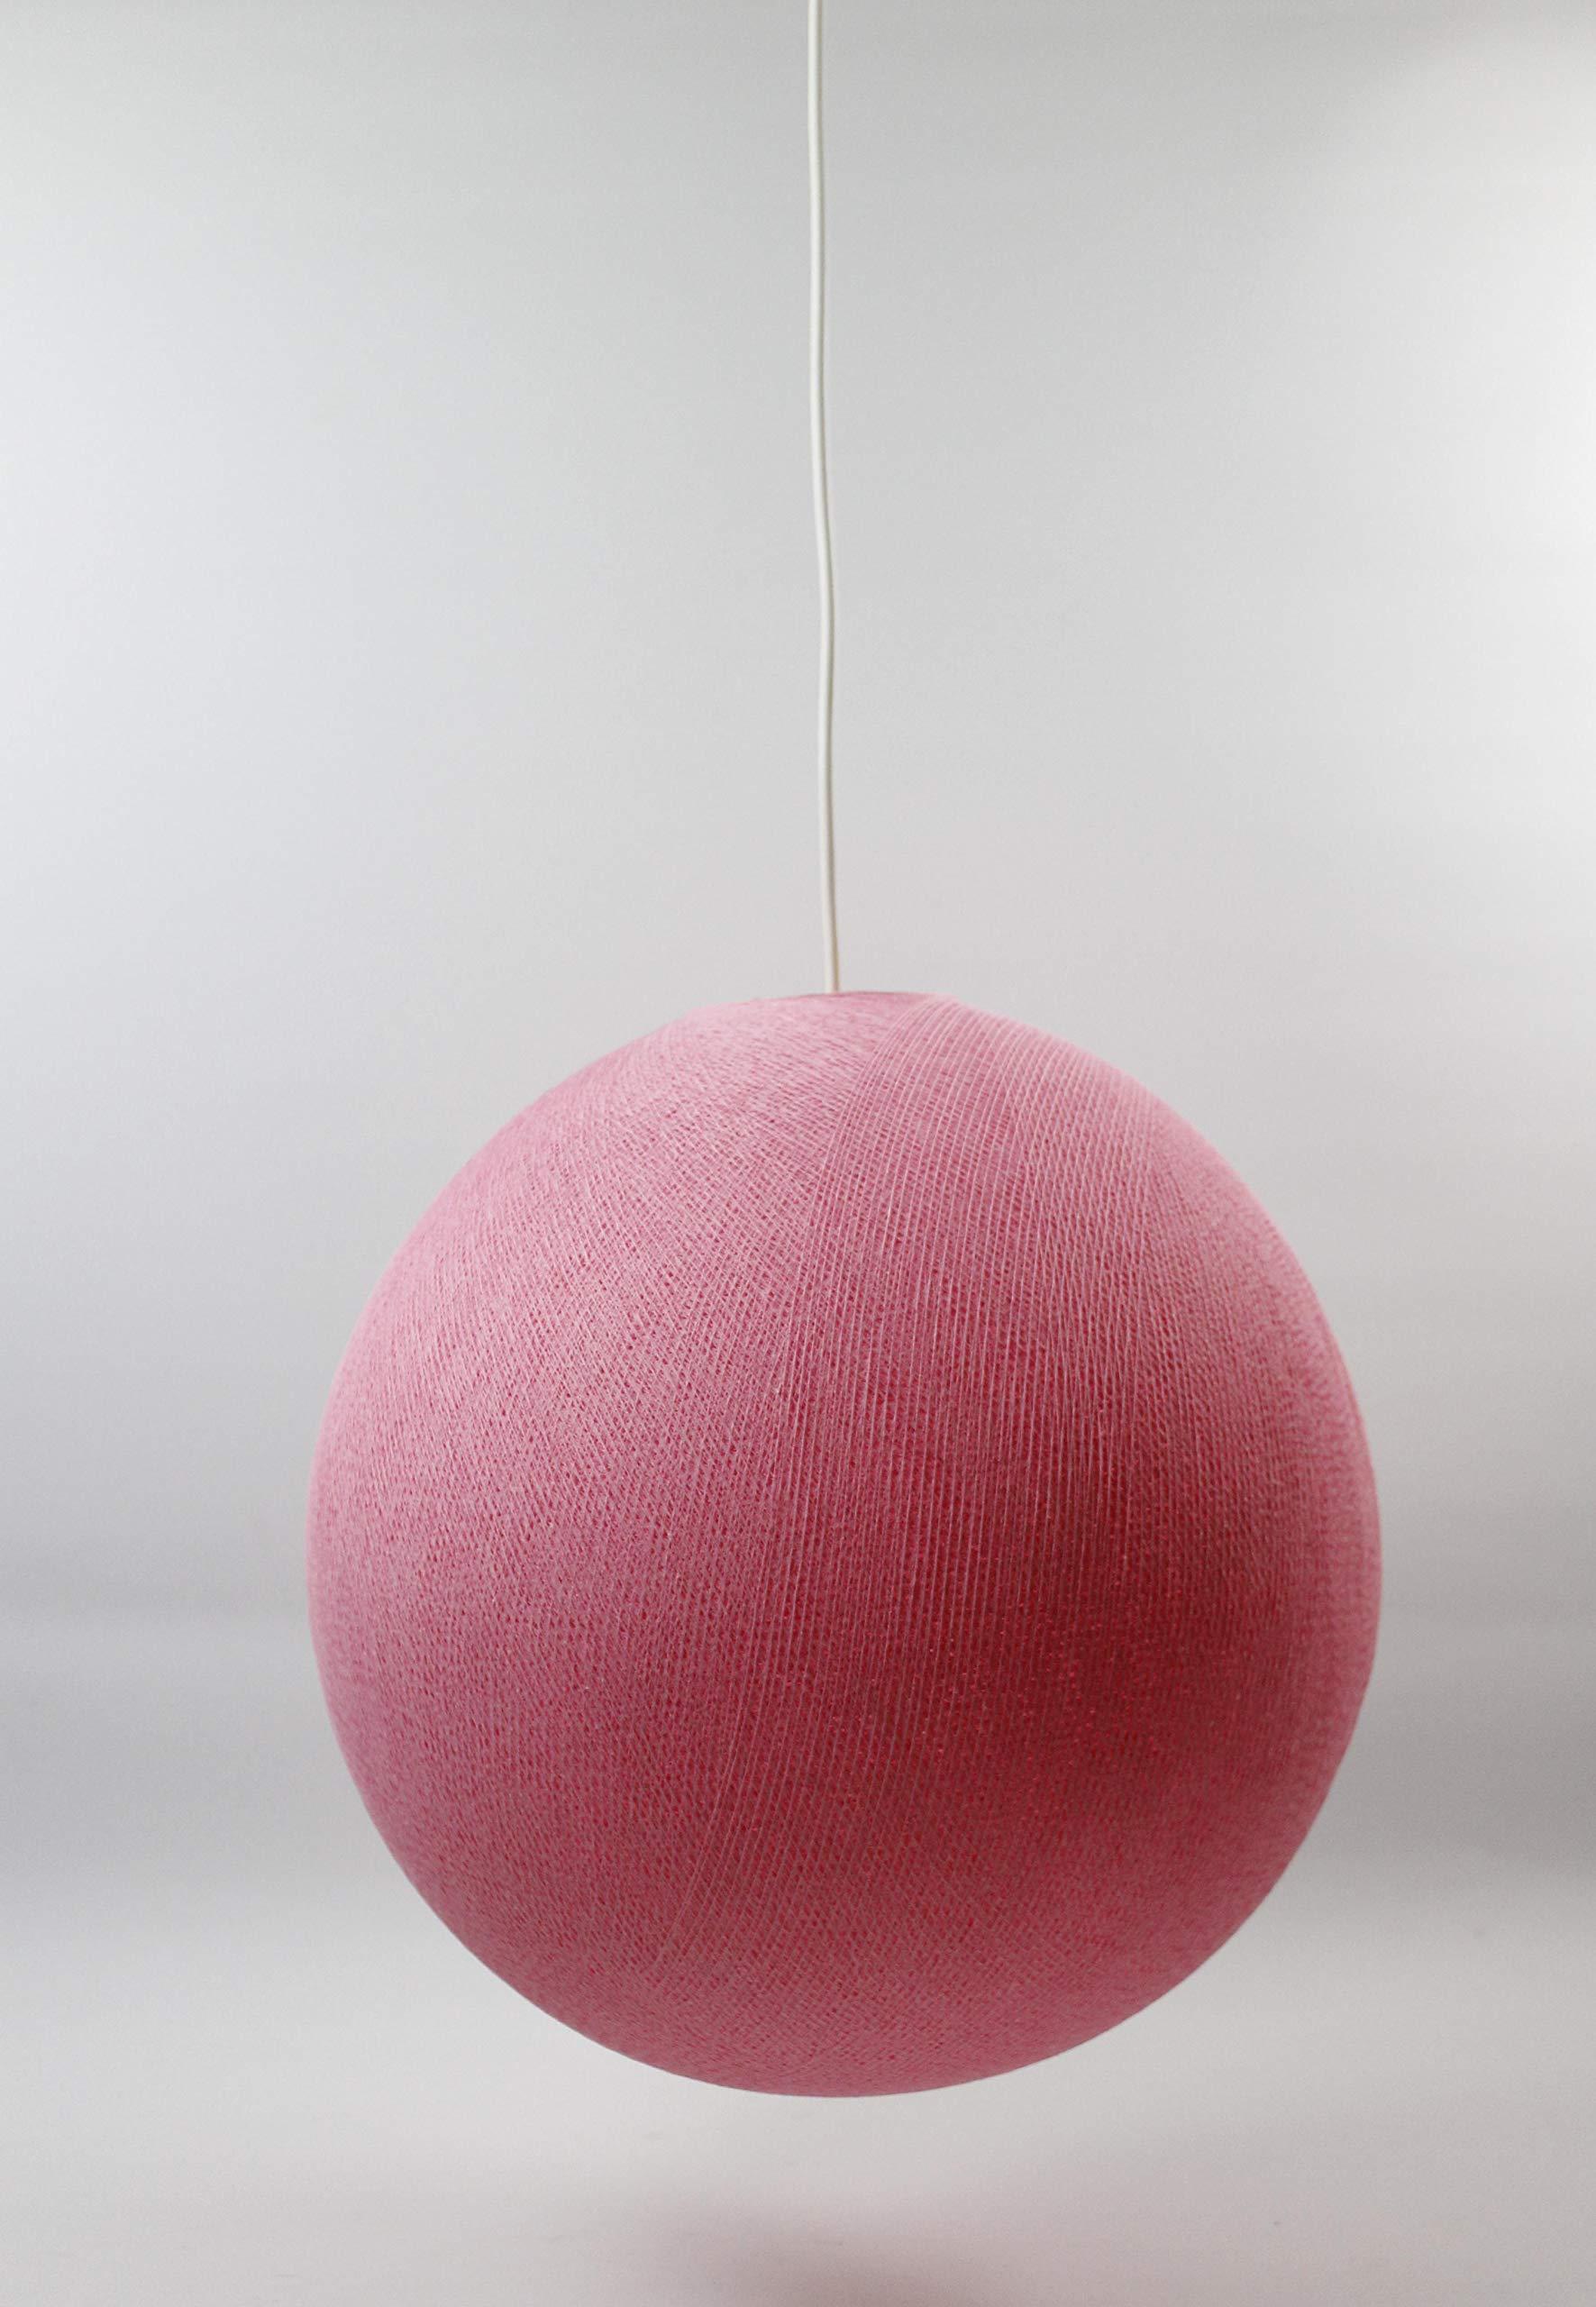 シャンデリアシングルピース、コットン、ピンク、25 cm